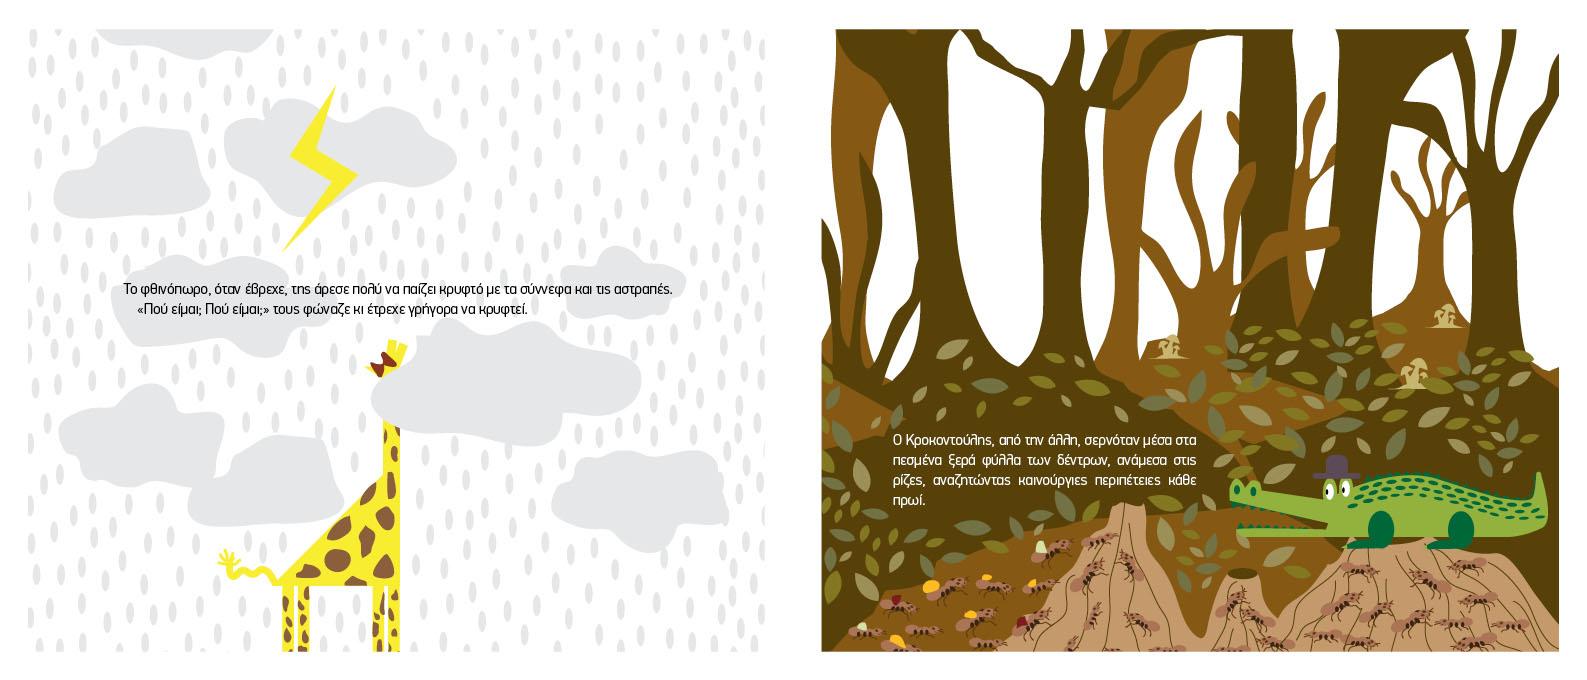 σελίδα απο το βιβλιο μπορεις να δεις με τα δικα μου ματια νέο βιβλίο Μάρθα Κολοκοτρώνη εκδόσεις Διάπλαση